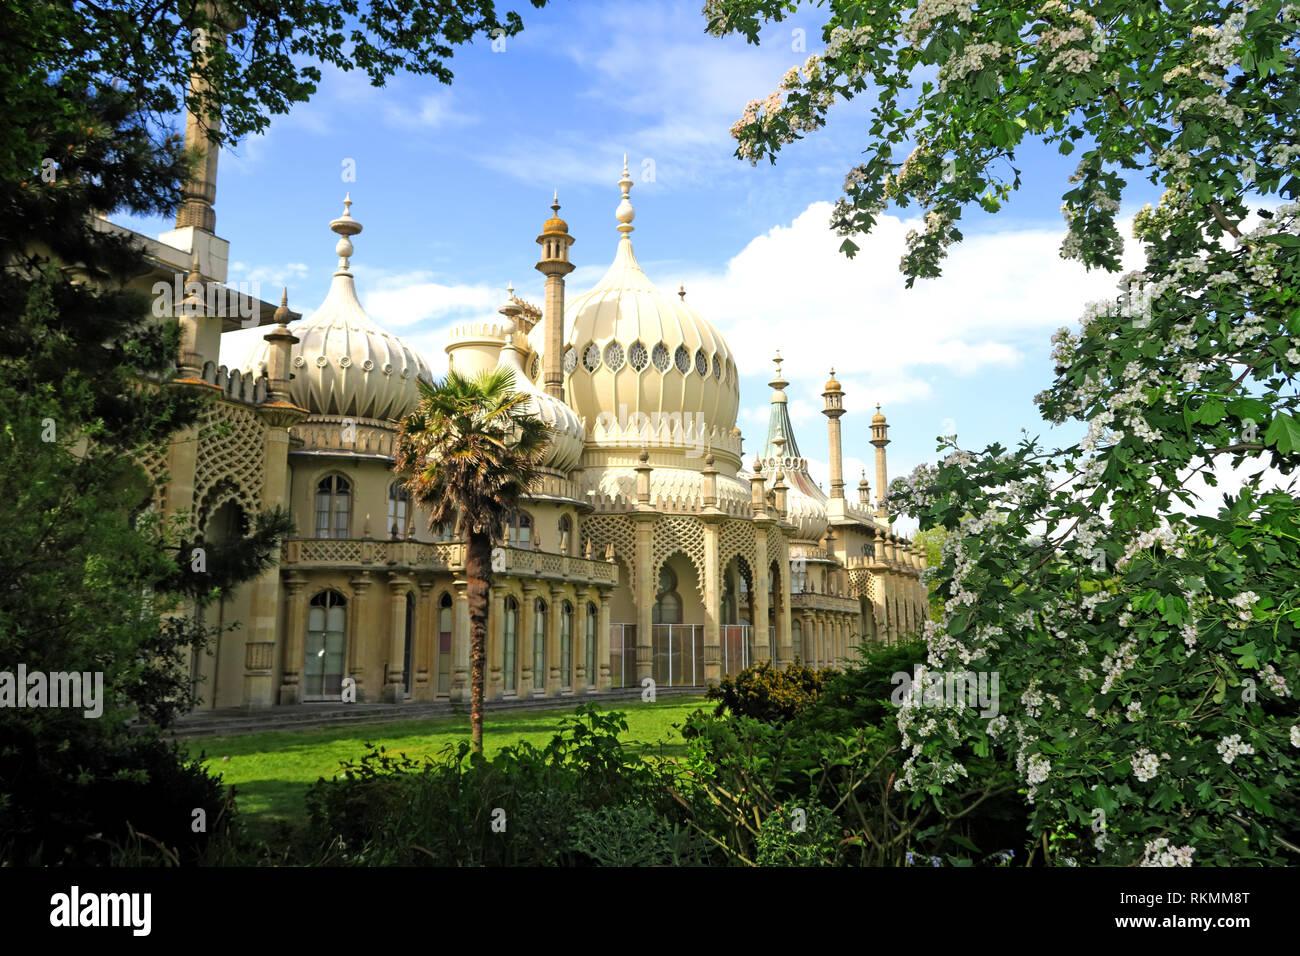 Laden Sie dieses Alamy Stockfoto Den Royal Pavillion, Brighton, East Sussex, England, UK, BN1 1EE - RKMM8T